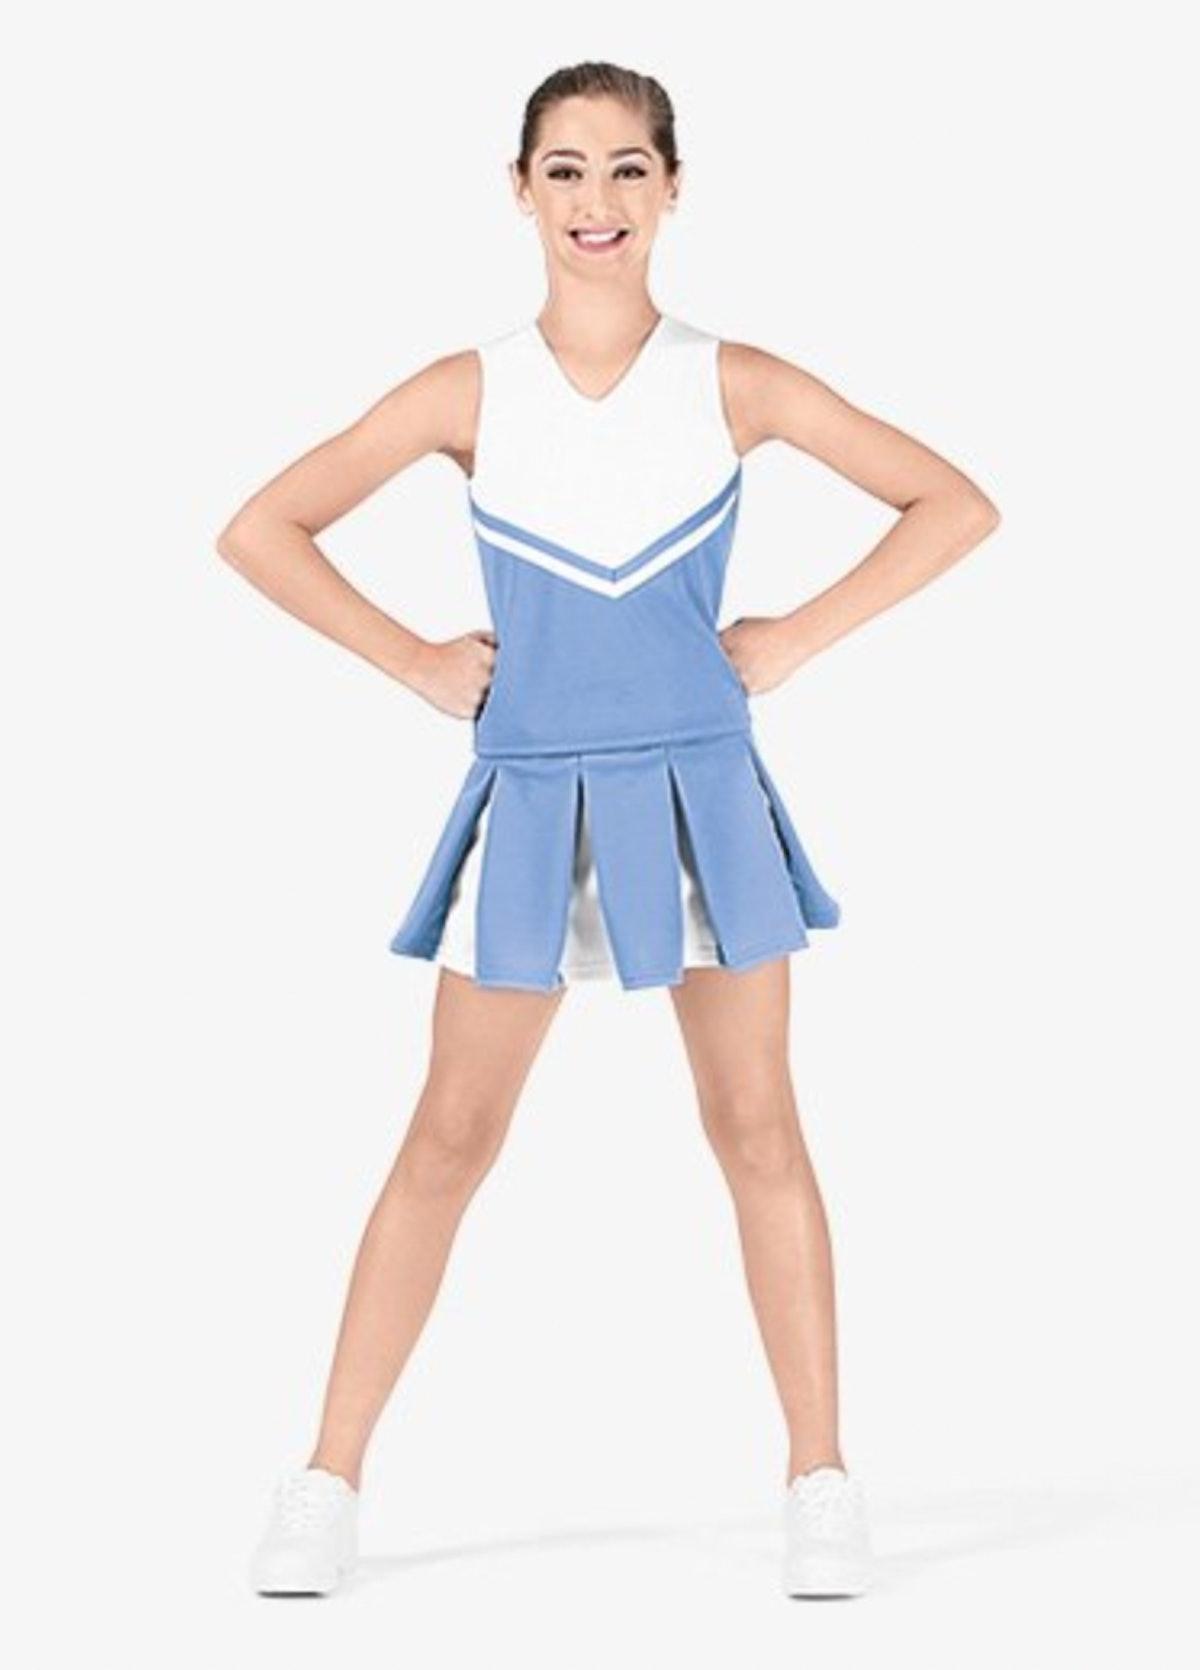 Olivia Rodrigo 'good 4 u' video costume